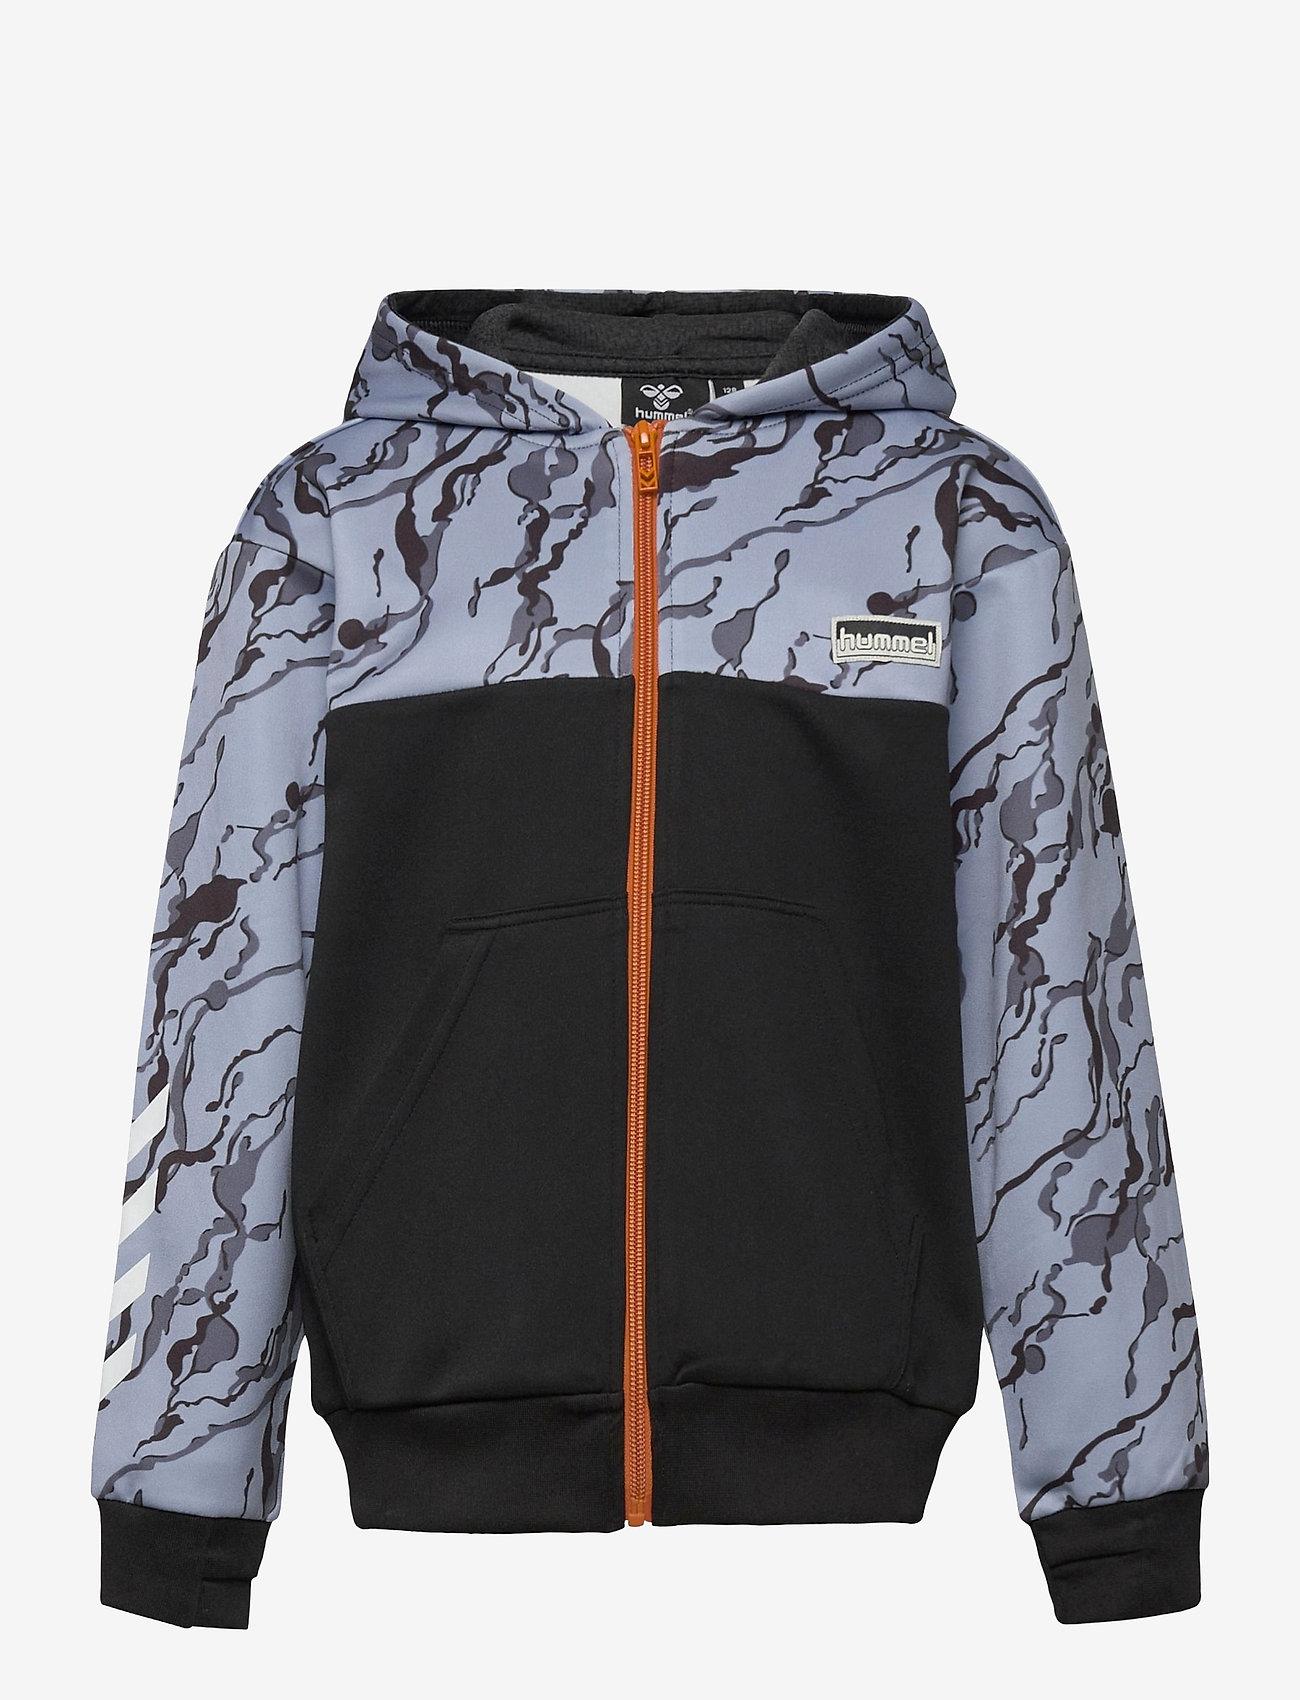 Hummel - hmlNILAR ZIP HOODIE - hoodies - black - 0